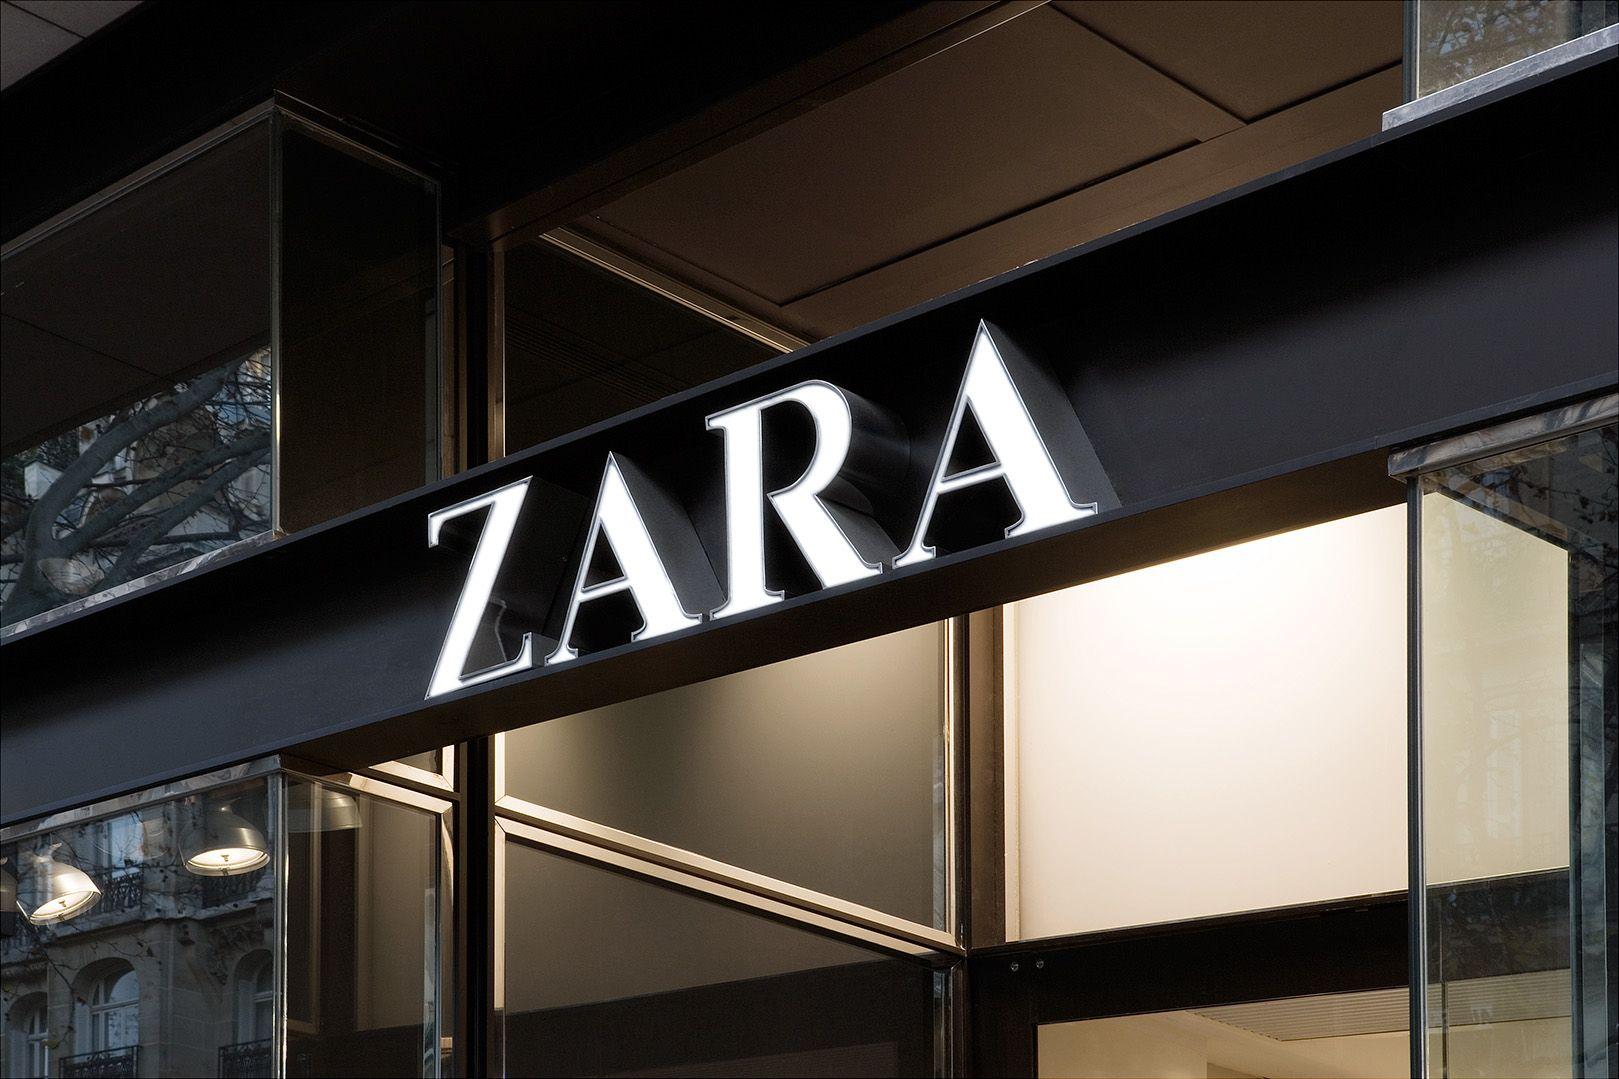 Zara assume nuovo personale: le offerte di lavoro per cui candidarsi